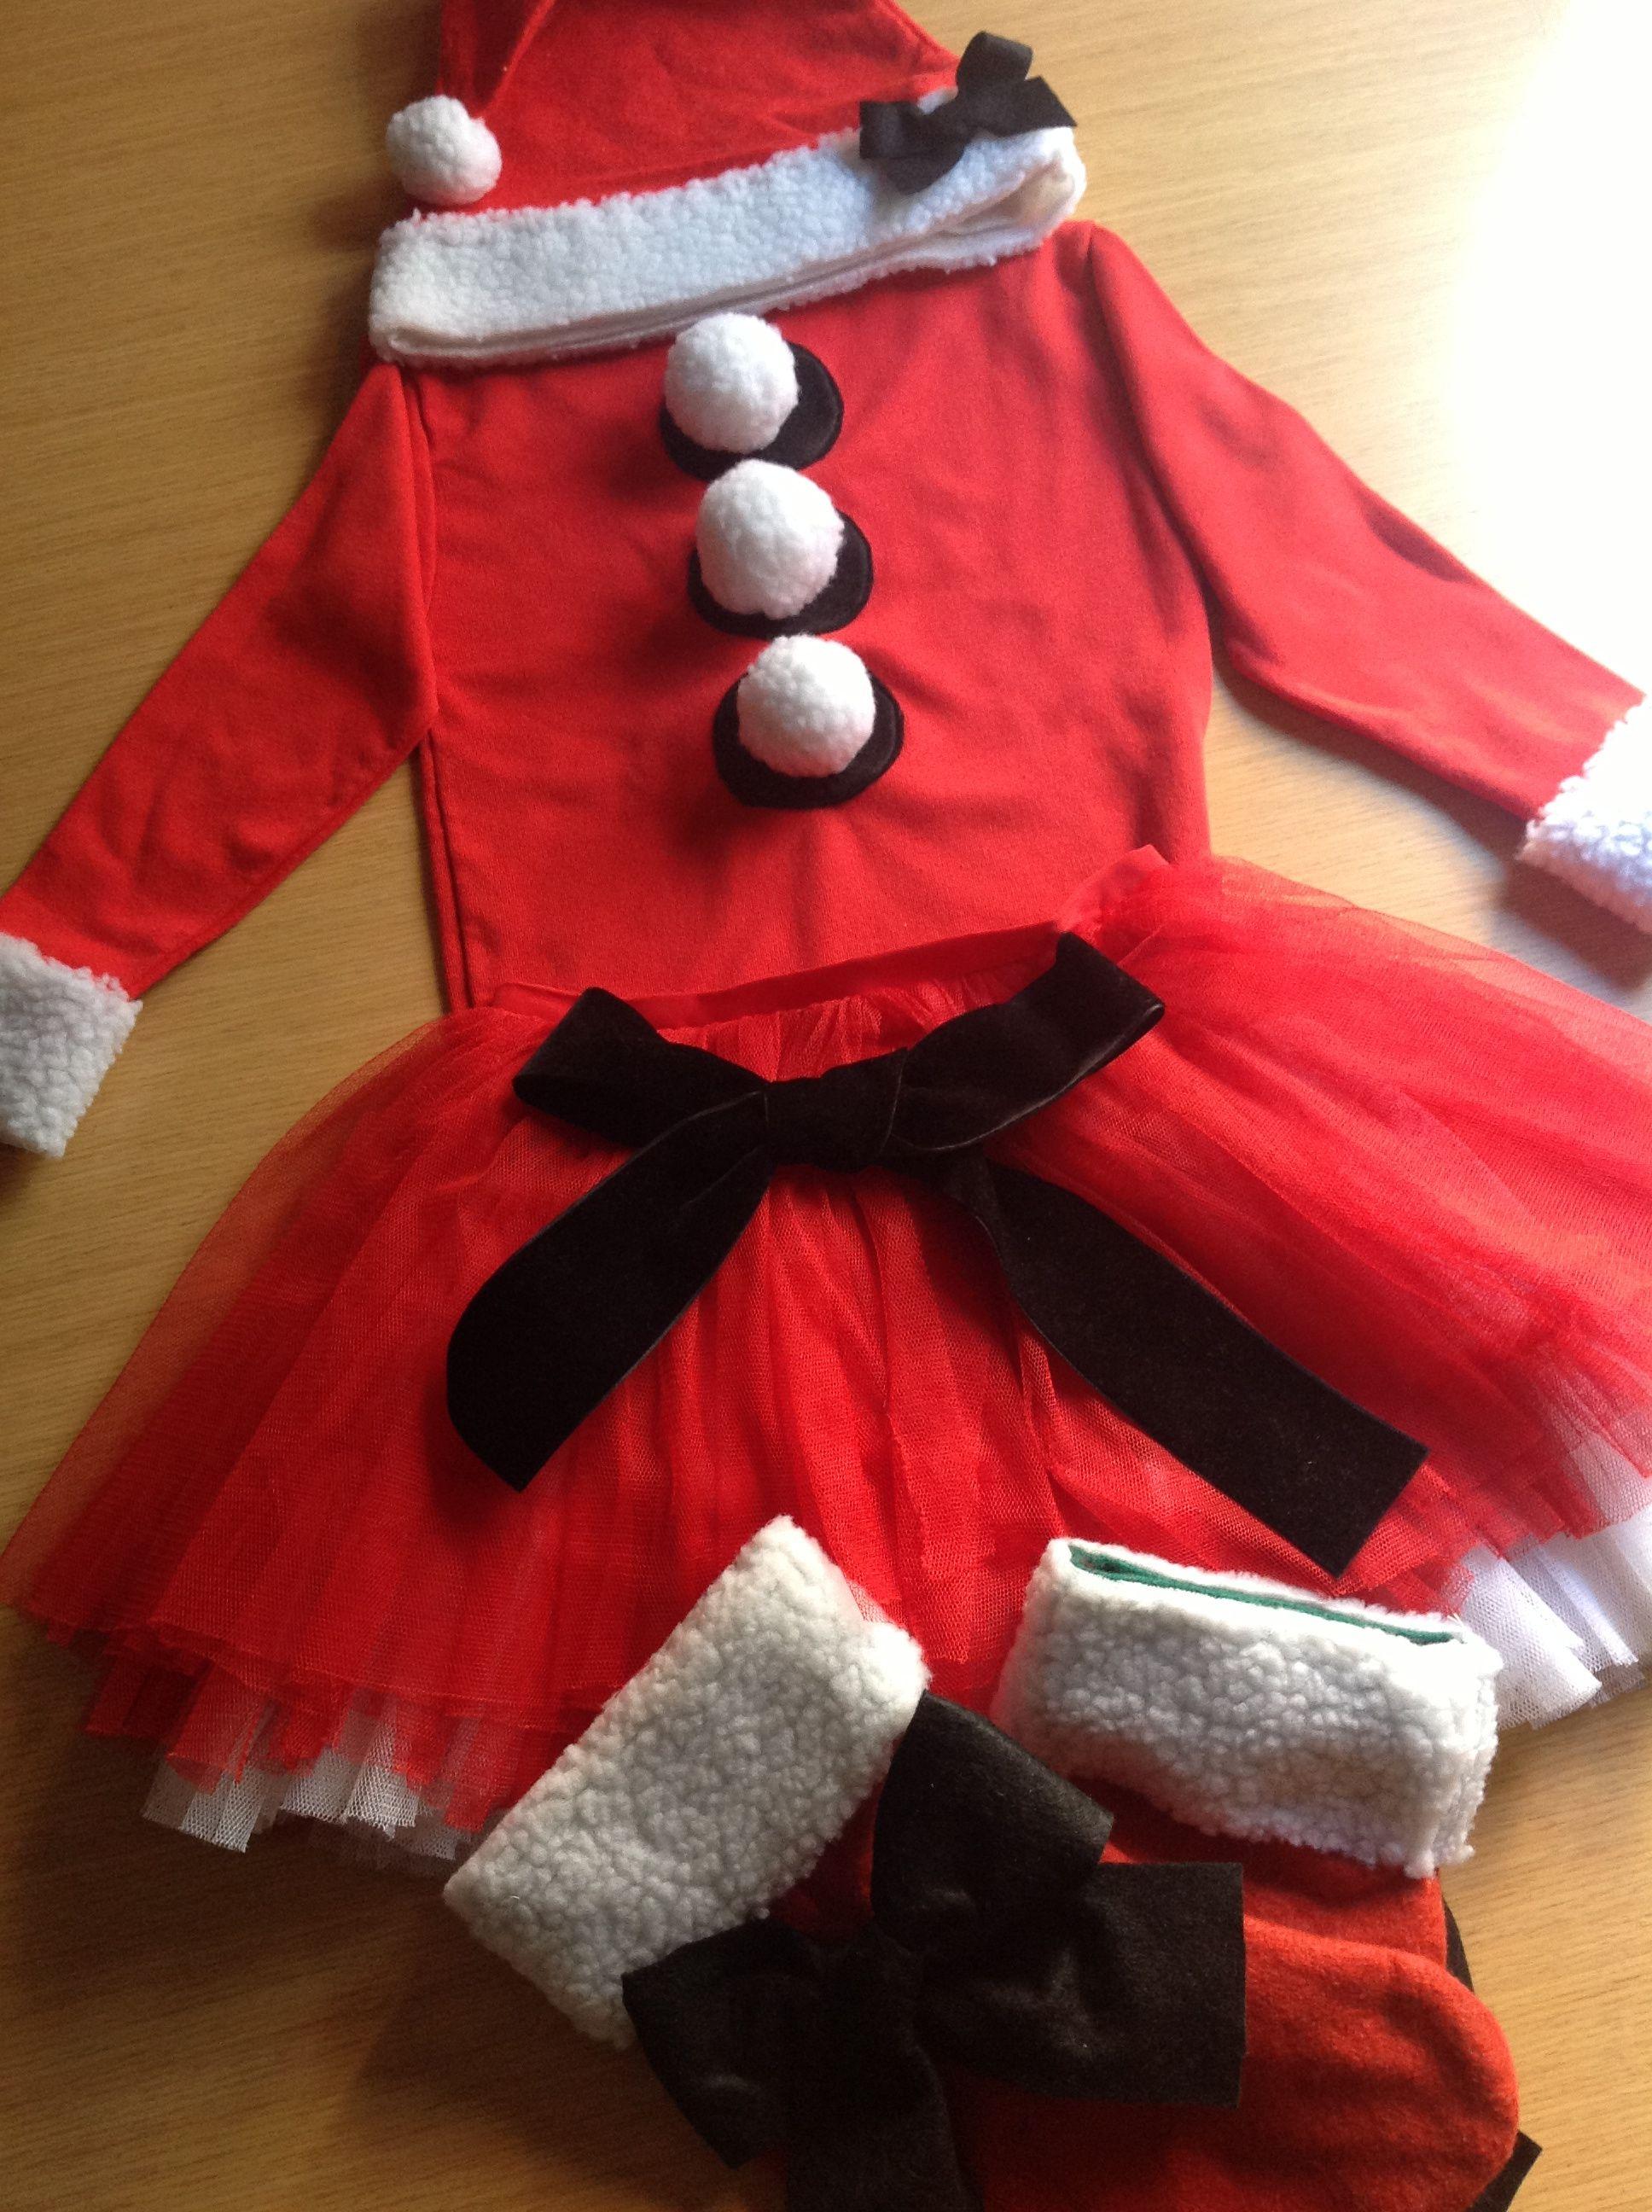 Disfraz mama noel 1 disfraces disfraz de mama noel - Disfraces para navidad ...